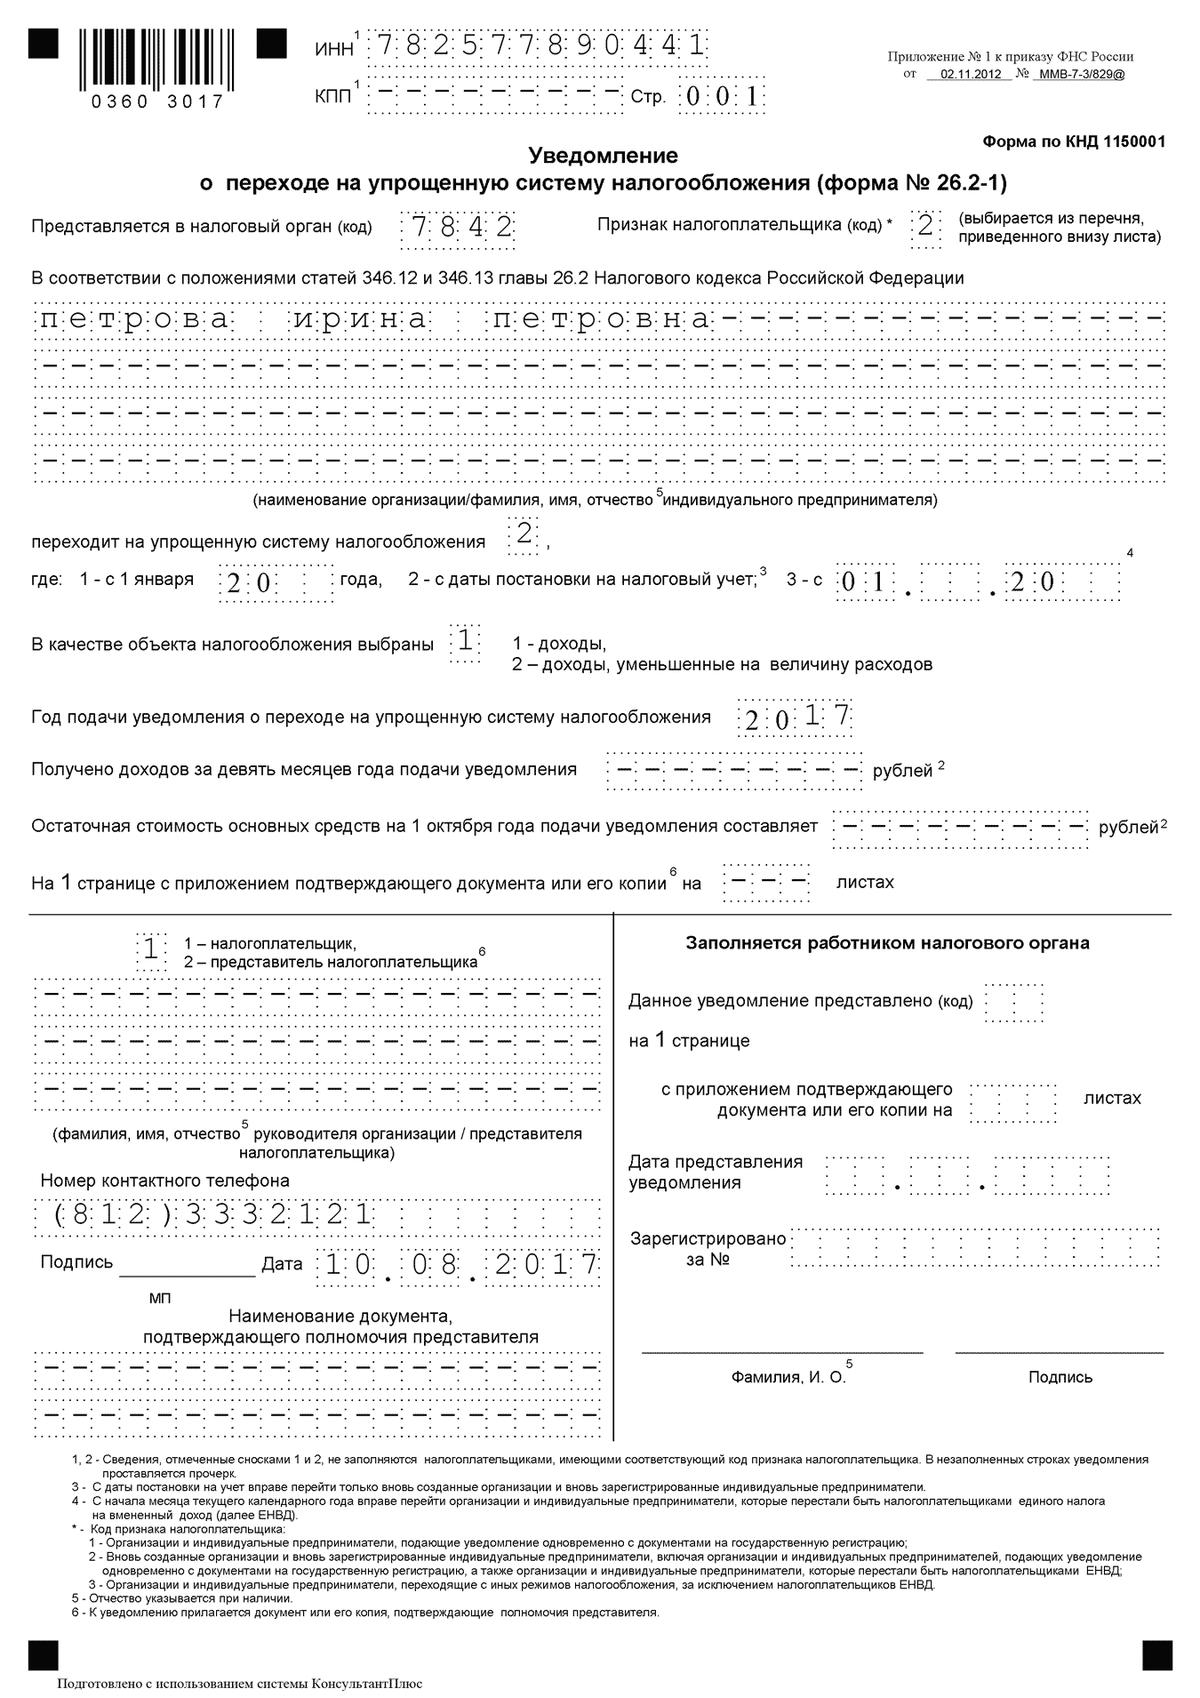 Форма 26.2-1. Заявление о переходе на упрощенную систему налогообложения